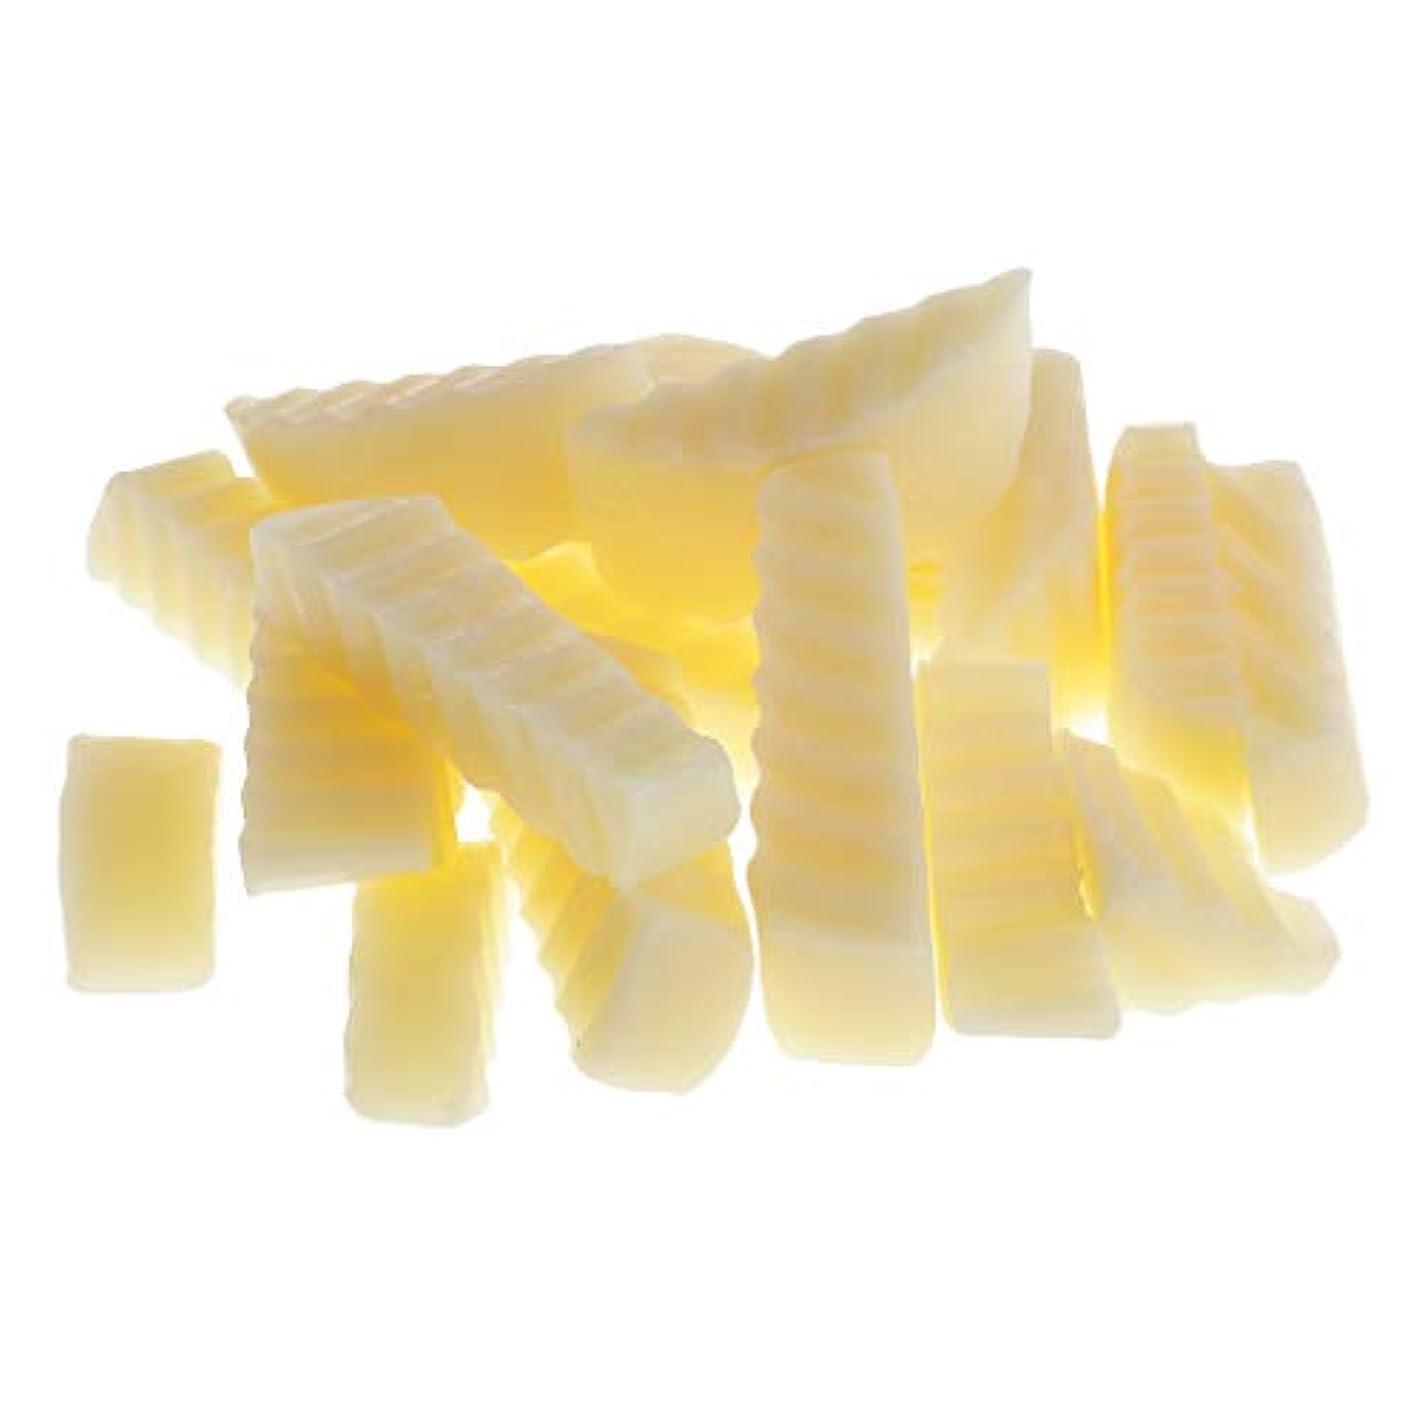 今後必要ないデッキPerfeclan 約250g /パック ラノリン石鹸 自然な素材 DIY手作り 石鹸 固形せっけん 使いやすい